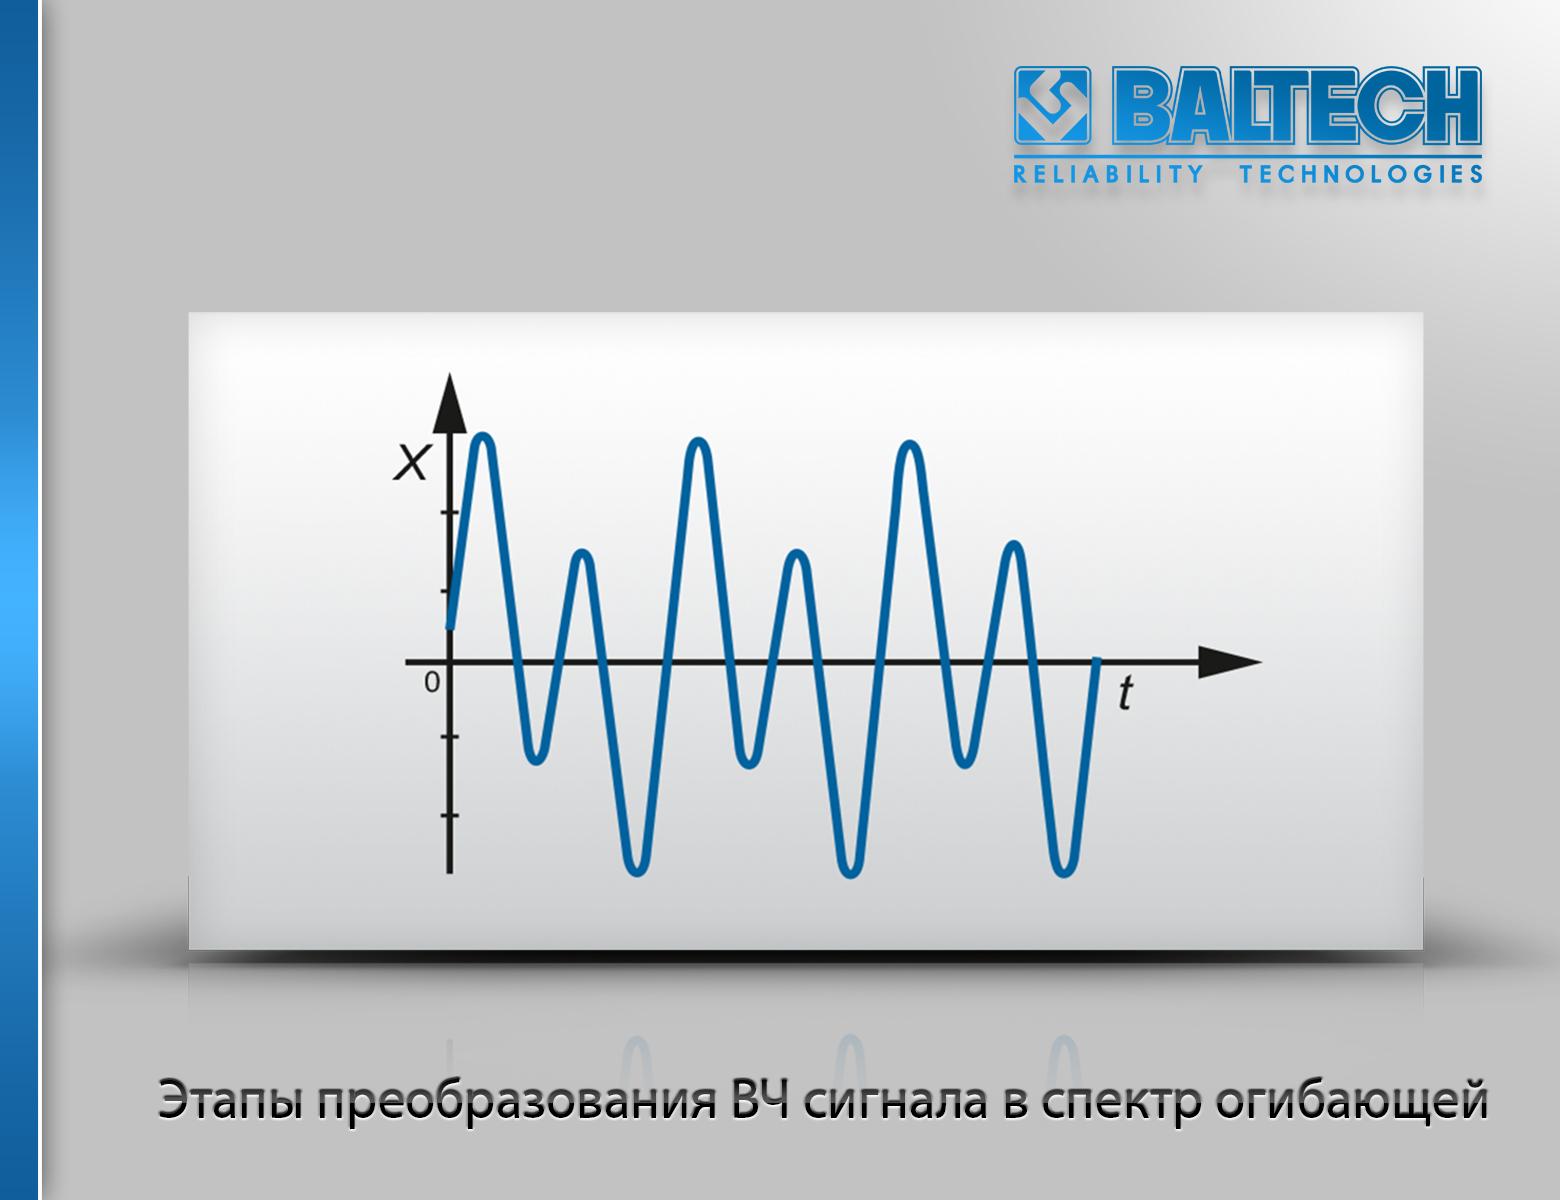 Сигнал, состоящий из двух гармонических составляющих, анализ вибрации, временной сигнал, вибродагностика